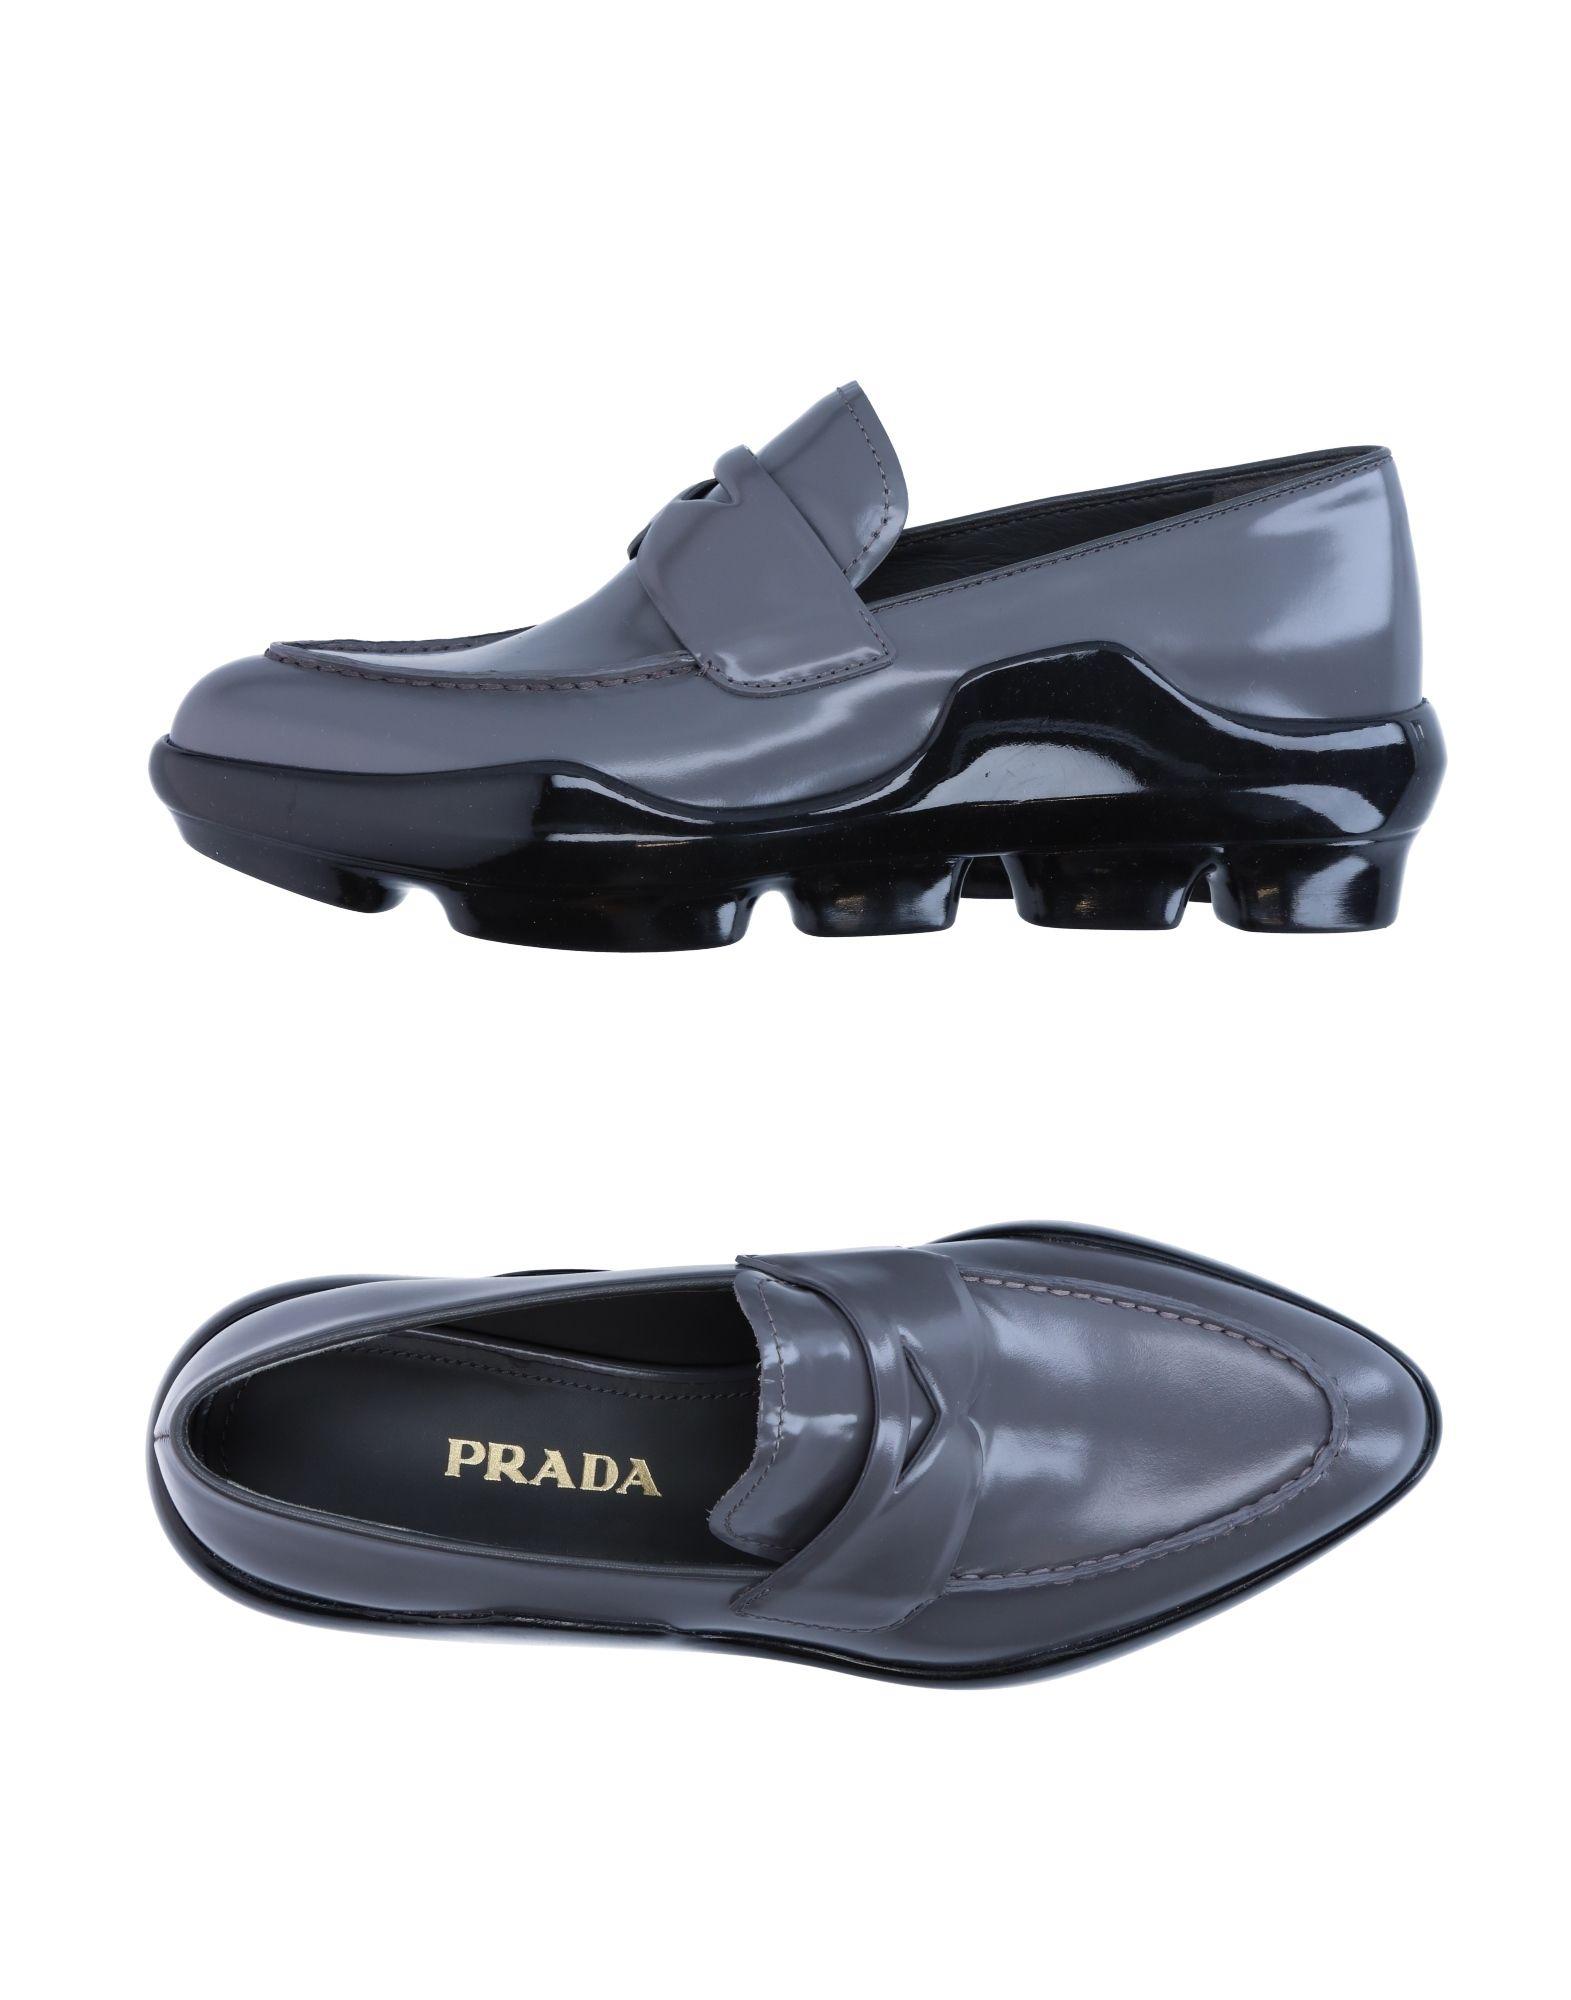 Prada Mokassins Damen  Heiße 11276302GG Heiße  Schuhe f5f0b9